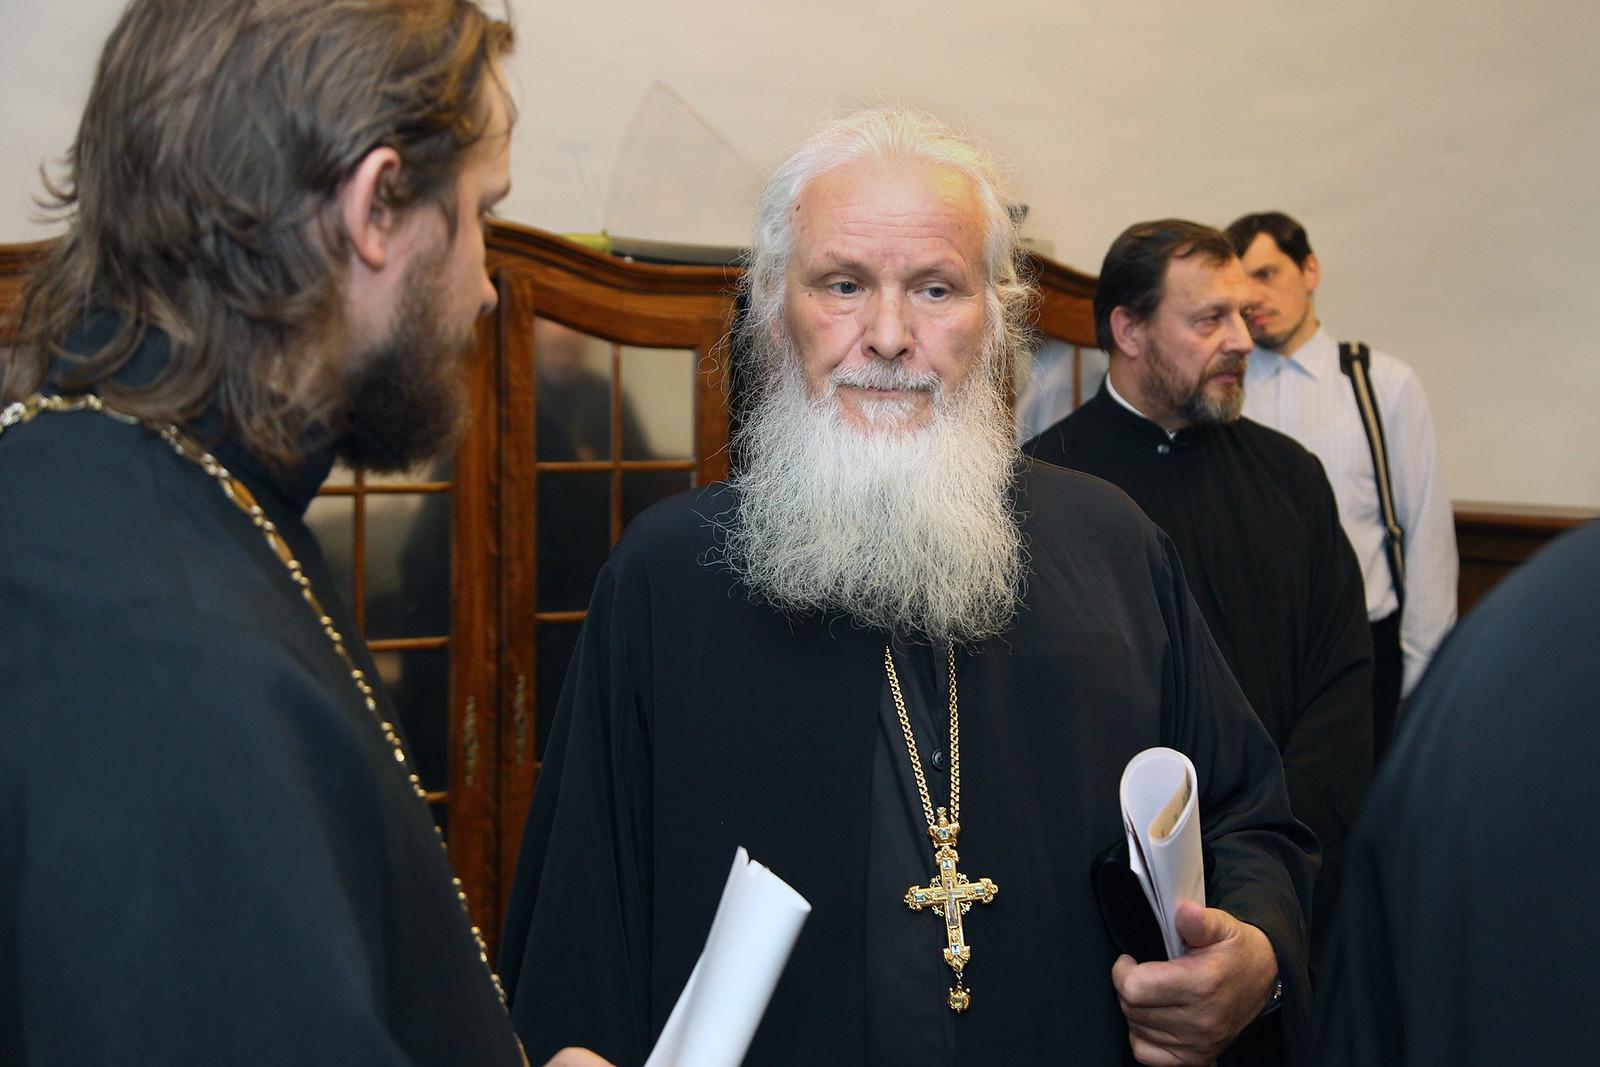 Кандидаты к рукоположению в священный сан прошли собеседования на заседаниях Советов викариатств